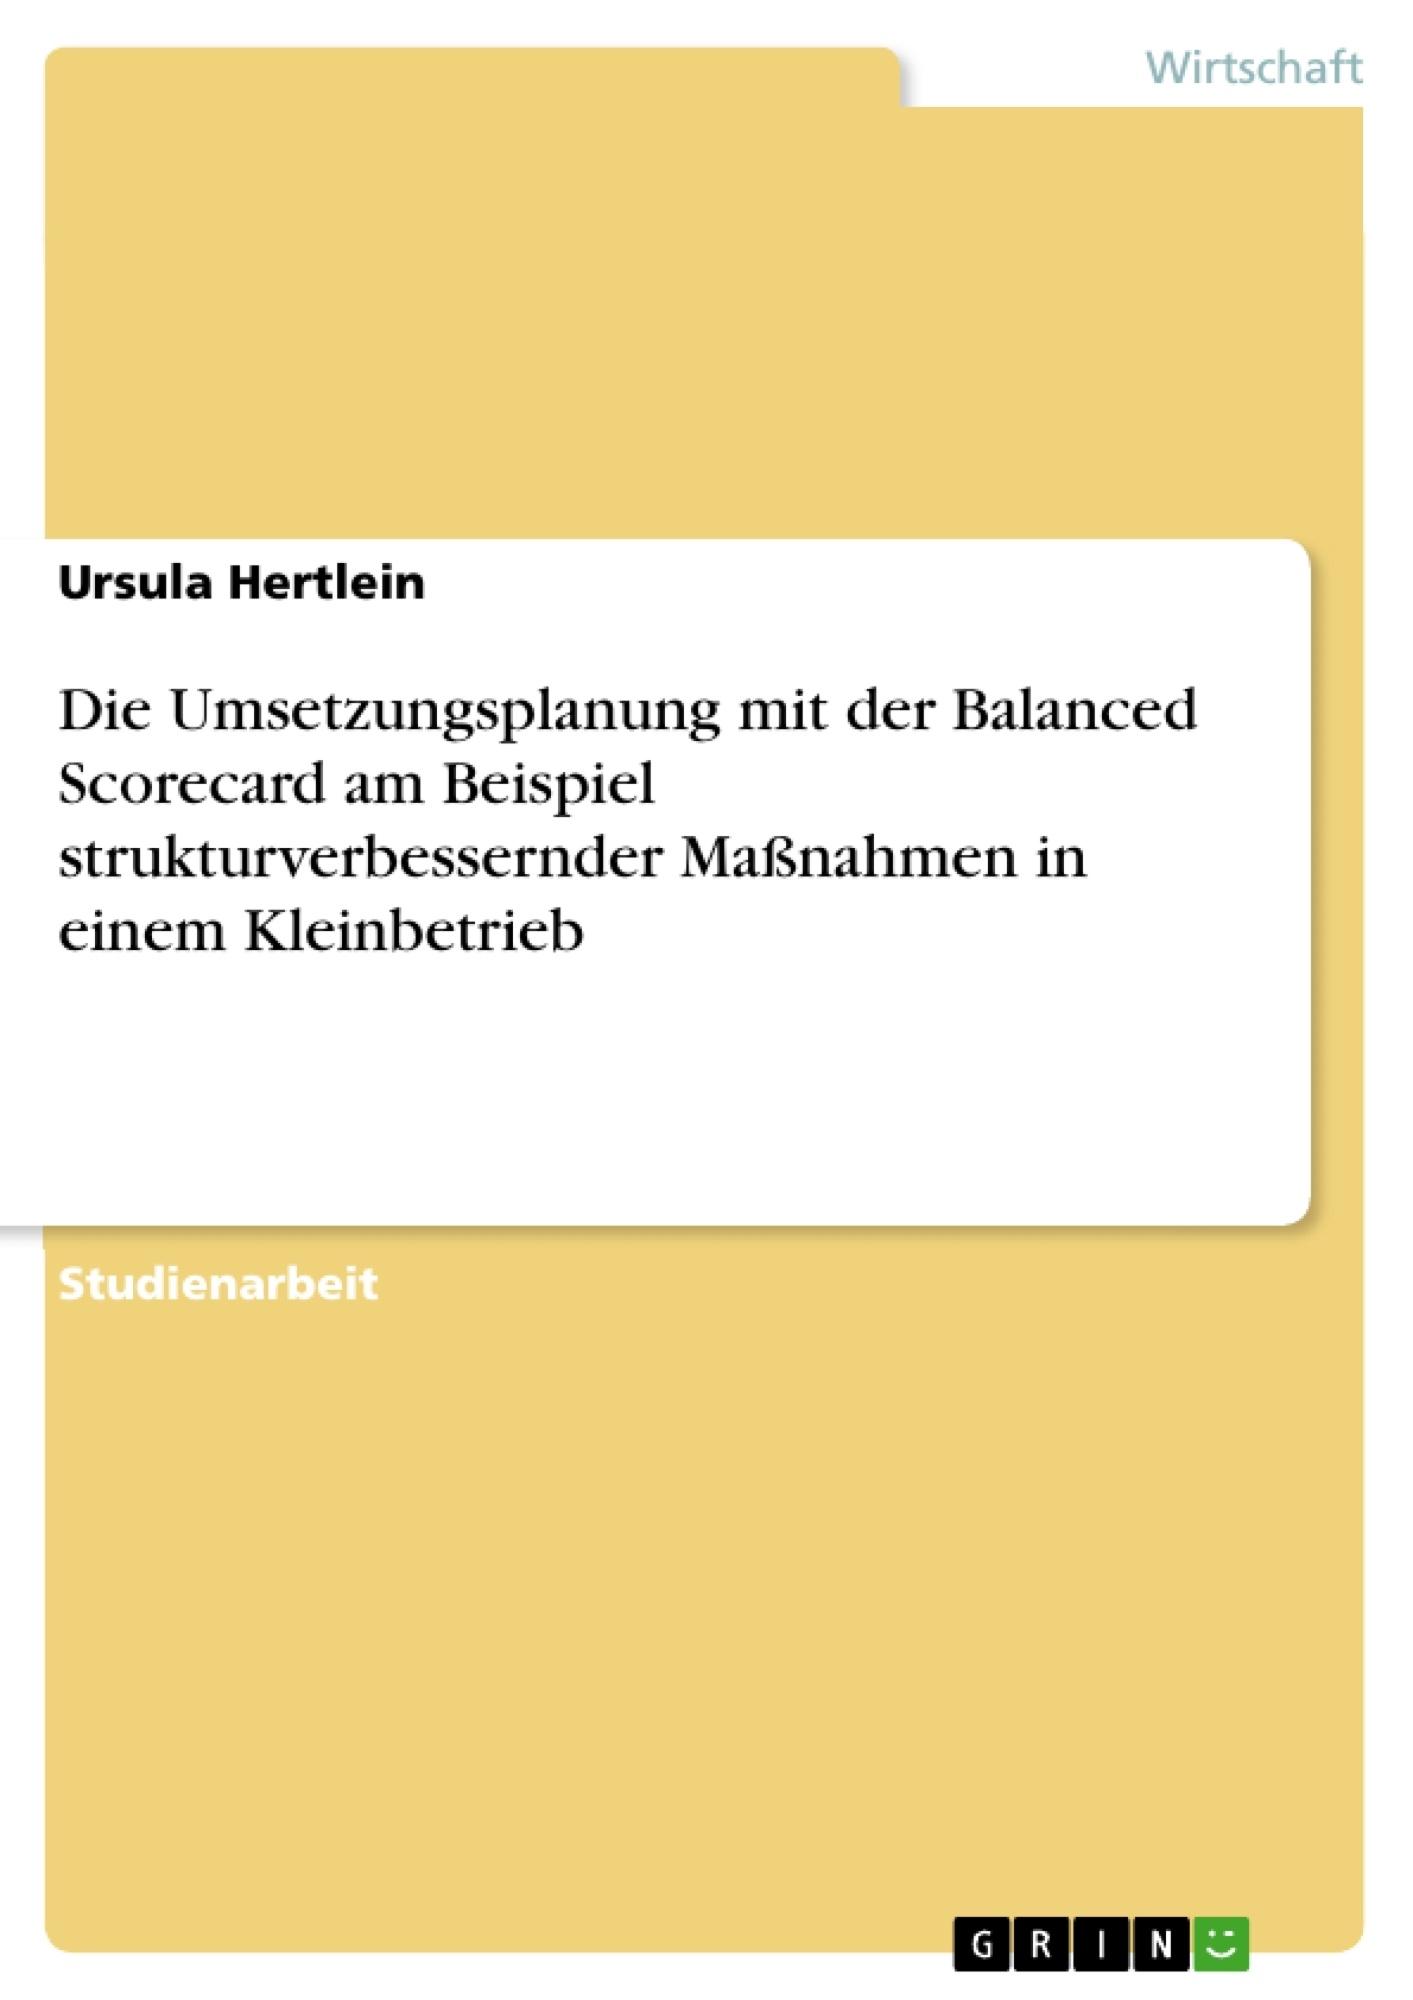 Titel: Die Umsetzungsplanung mit der Balanced Scorecard am Beispiel strukturverbessernder Maßnahmen in einem Kleinbetrieb